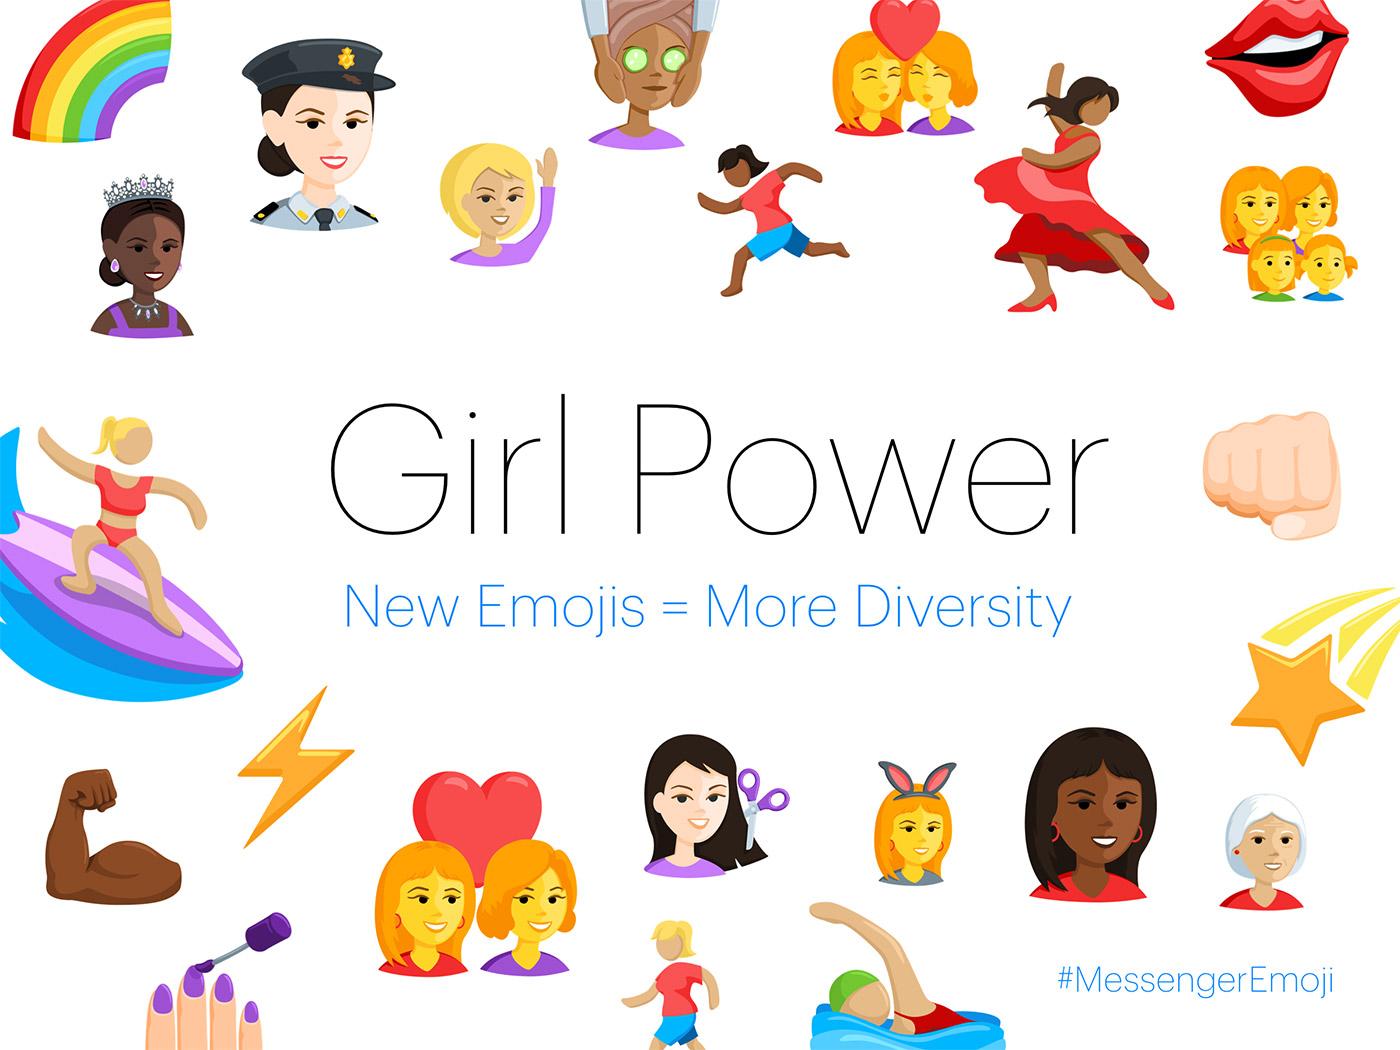 Facebook intros diverse Messenger emojis for all platforms